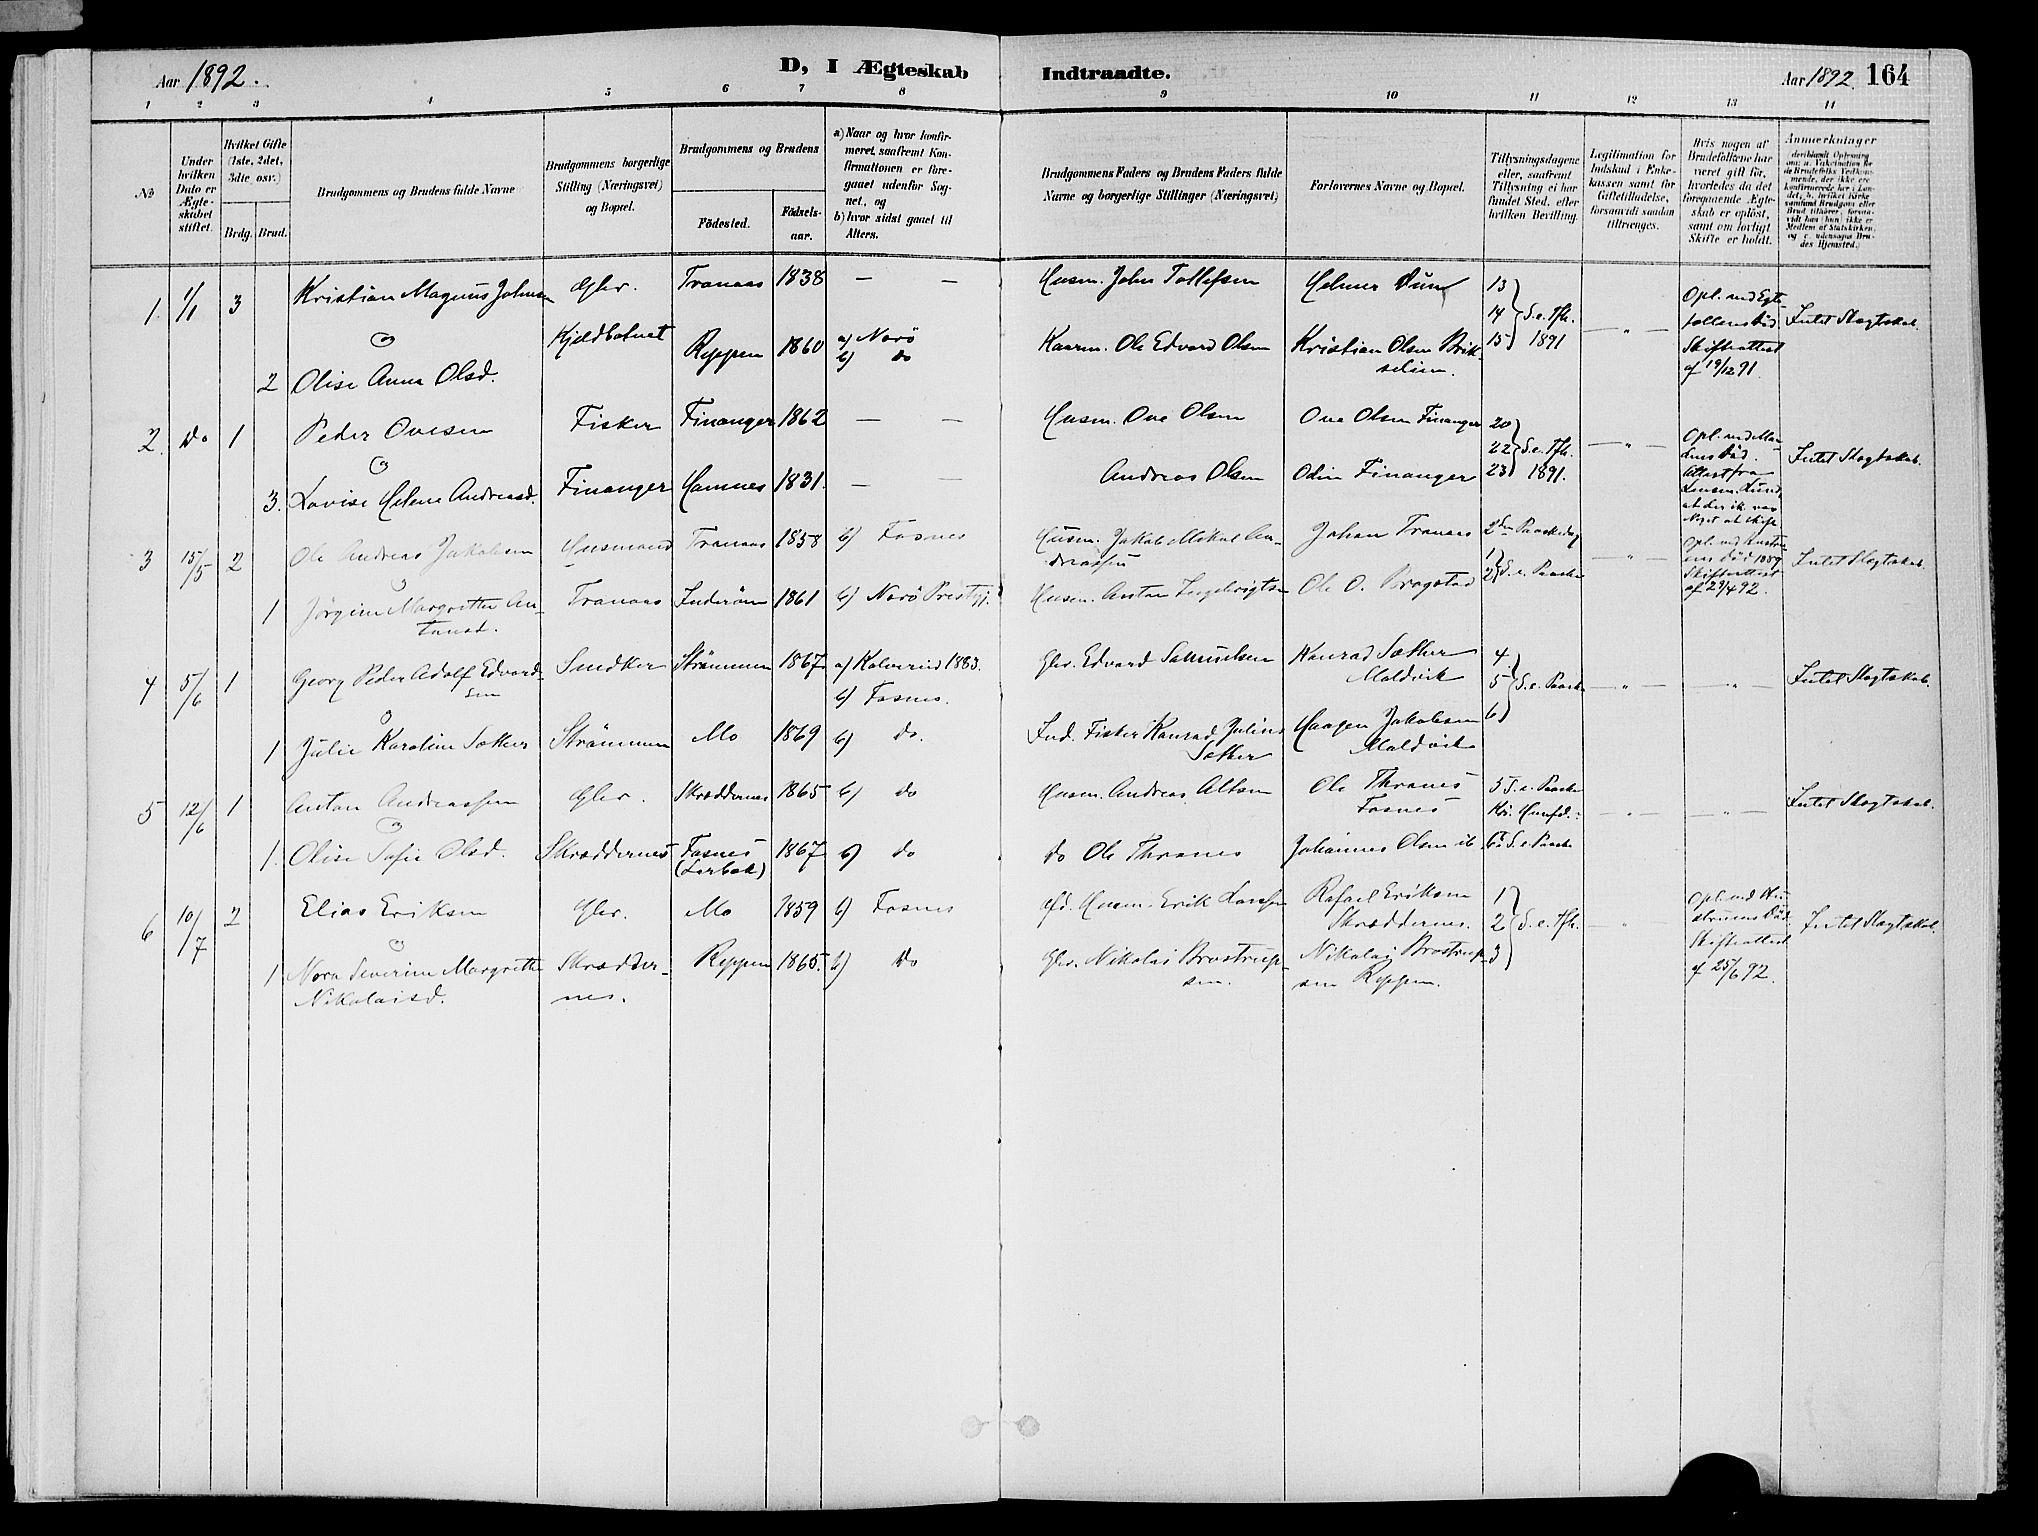 SAT, Ministerialprotokoller, klokkerbøker og fødselsregistre - Nord-Trøndelag, 773/L0617: Ministerialbok nr. 773A08, 1887-1910, s. 164